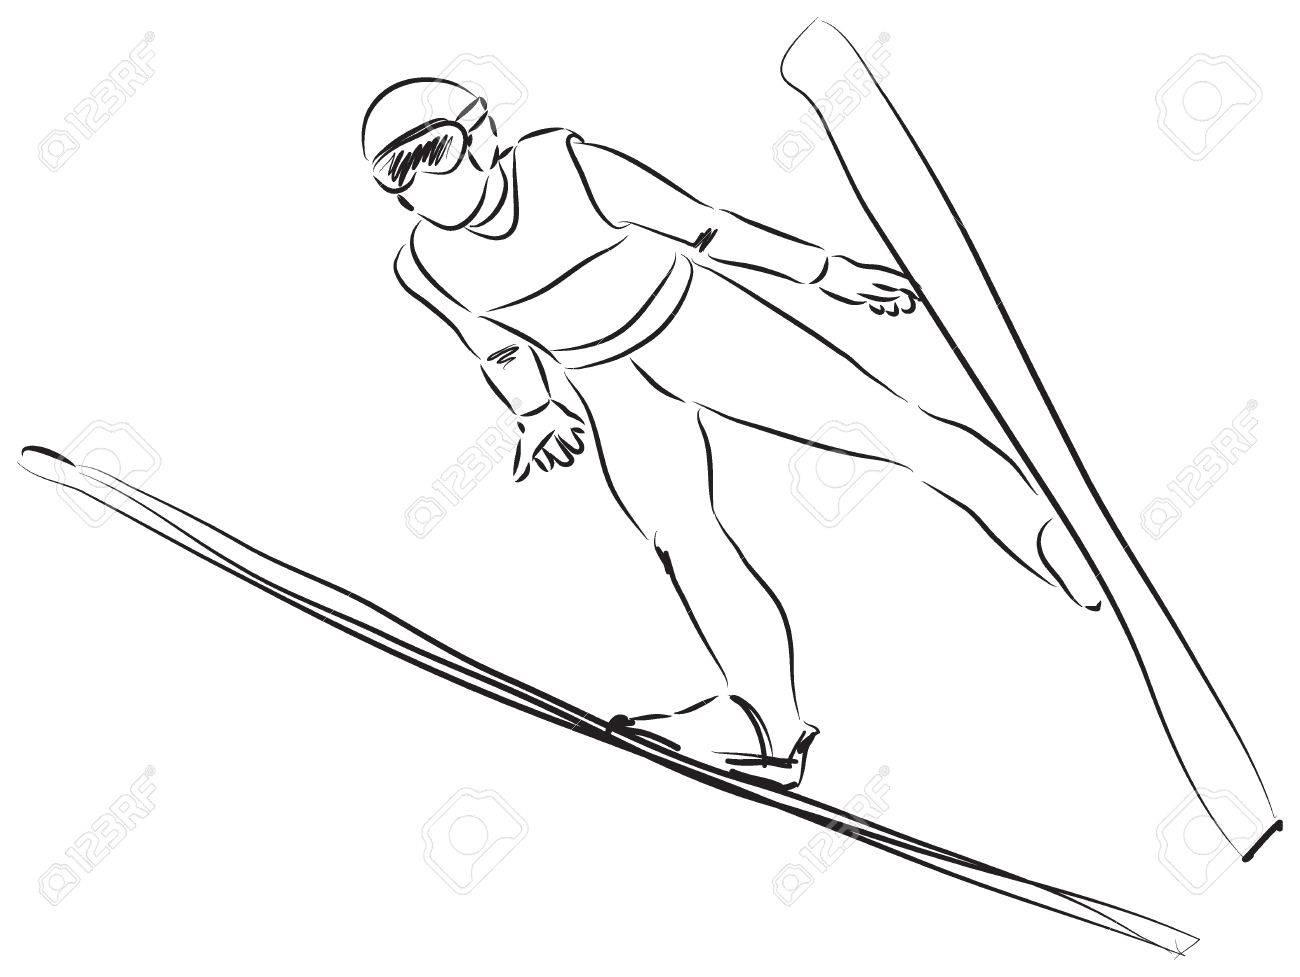 スキーのイラストのイラスト素材ベクタ Image 26112045